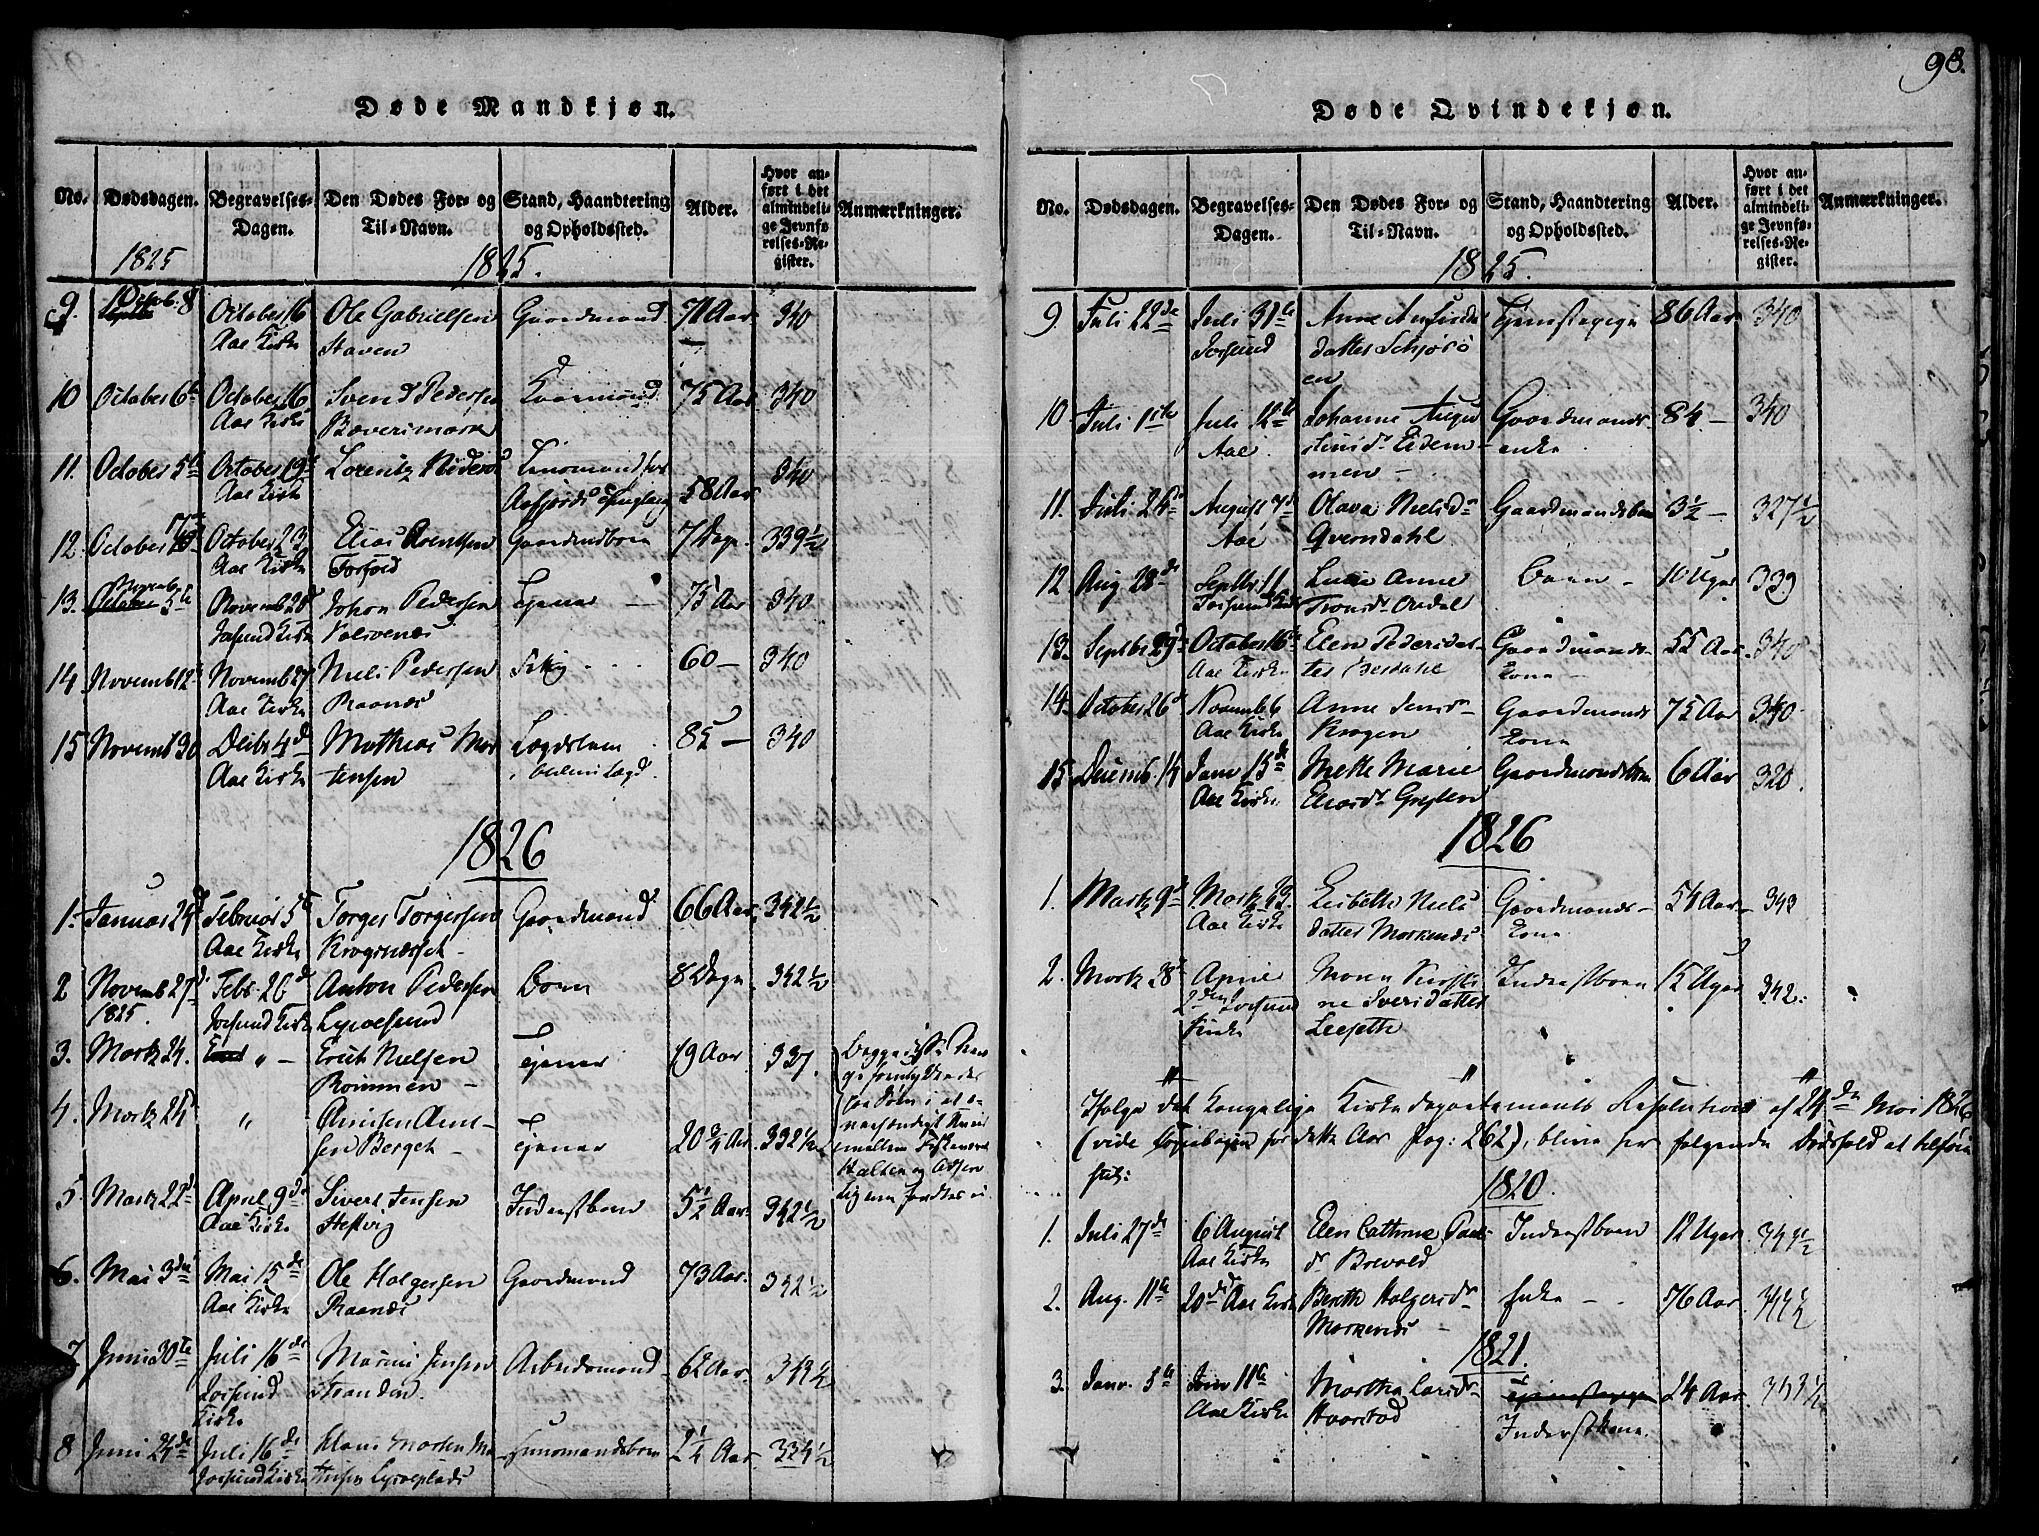 SAT, Ministerialprotokoller, klokkerbøker og fødselsregistre - Sør-Trøndelag, 655/L0675: Ministerialbok nr. 655A04, 1818-1830, s. 98